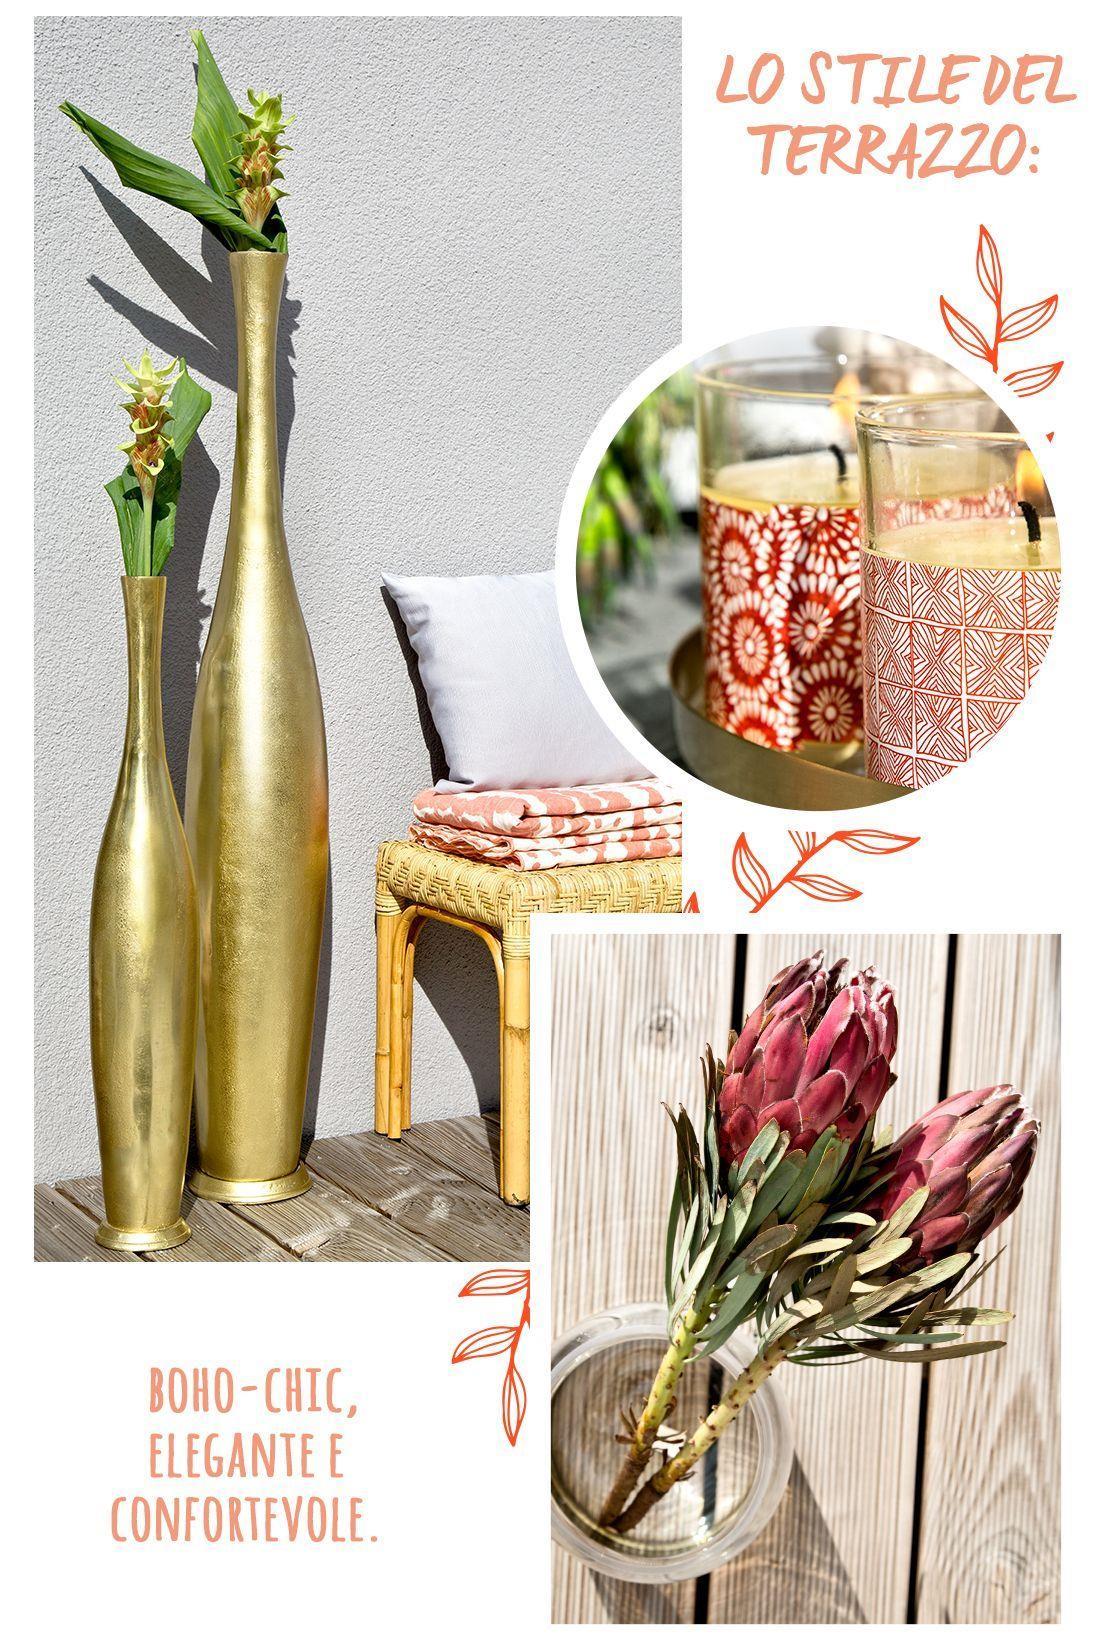 Dalani, Terrazzo, Idee, Trend, Style, Outdoor, Giardino